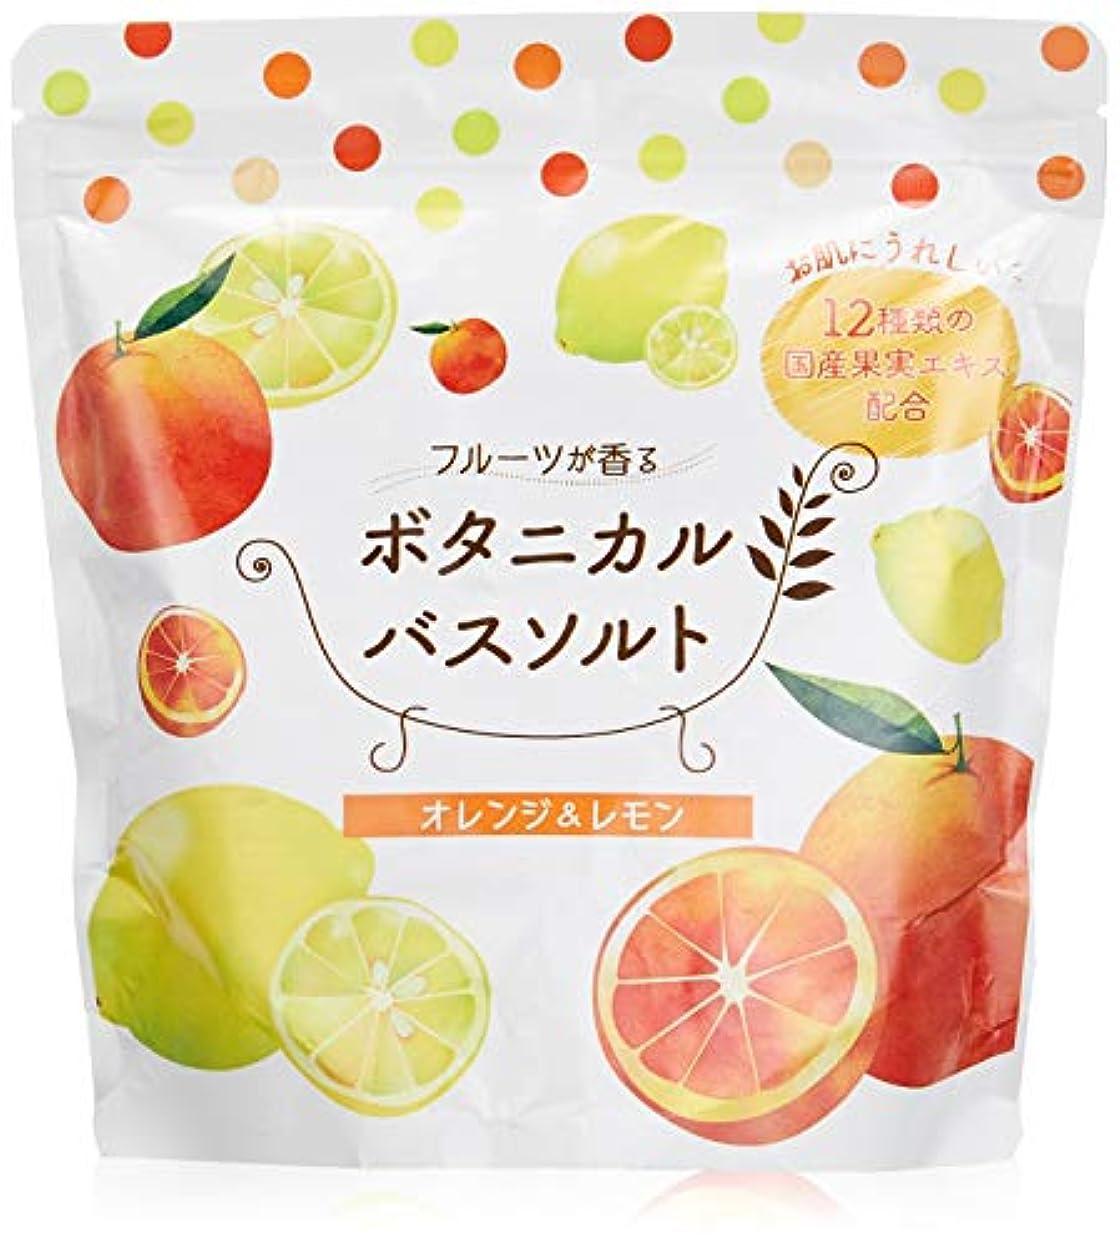 安心させる行動キュービック松田医薬品 フルーツが香るボタニカルバスソルト 入浴剤 オレンジ レモン 450g